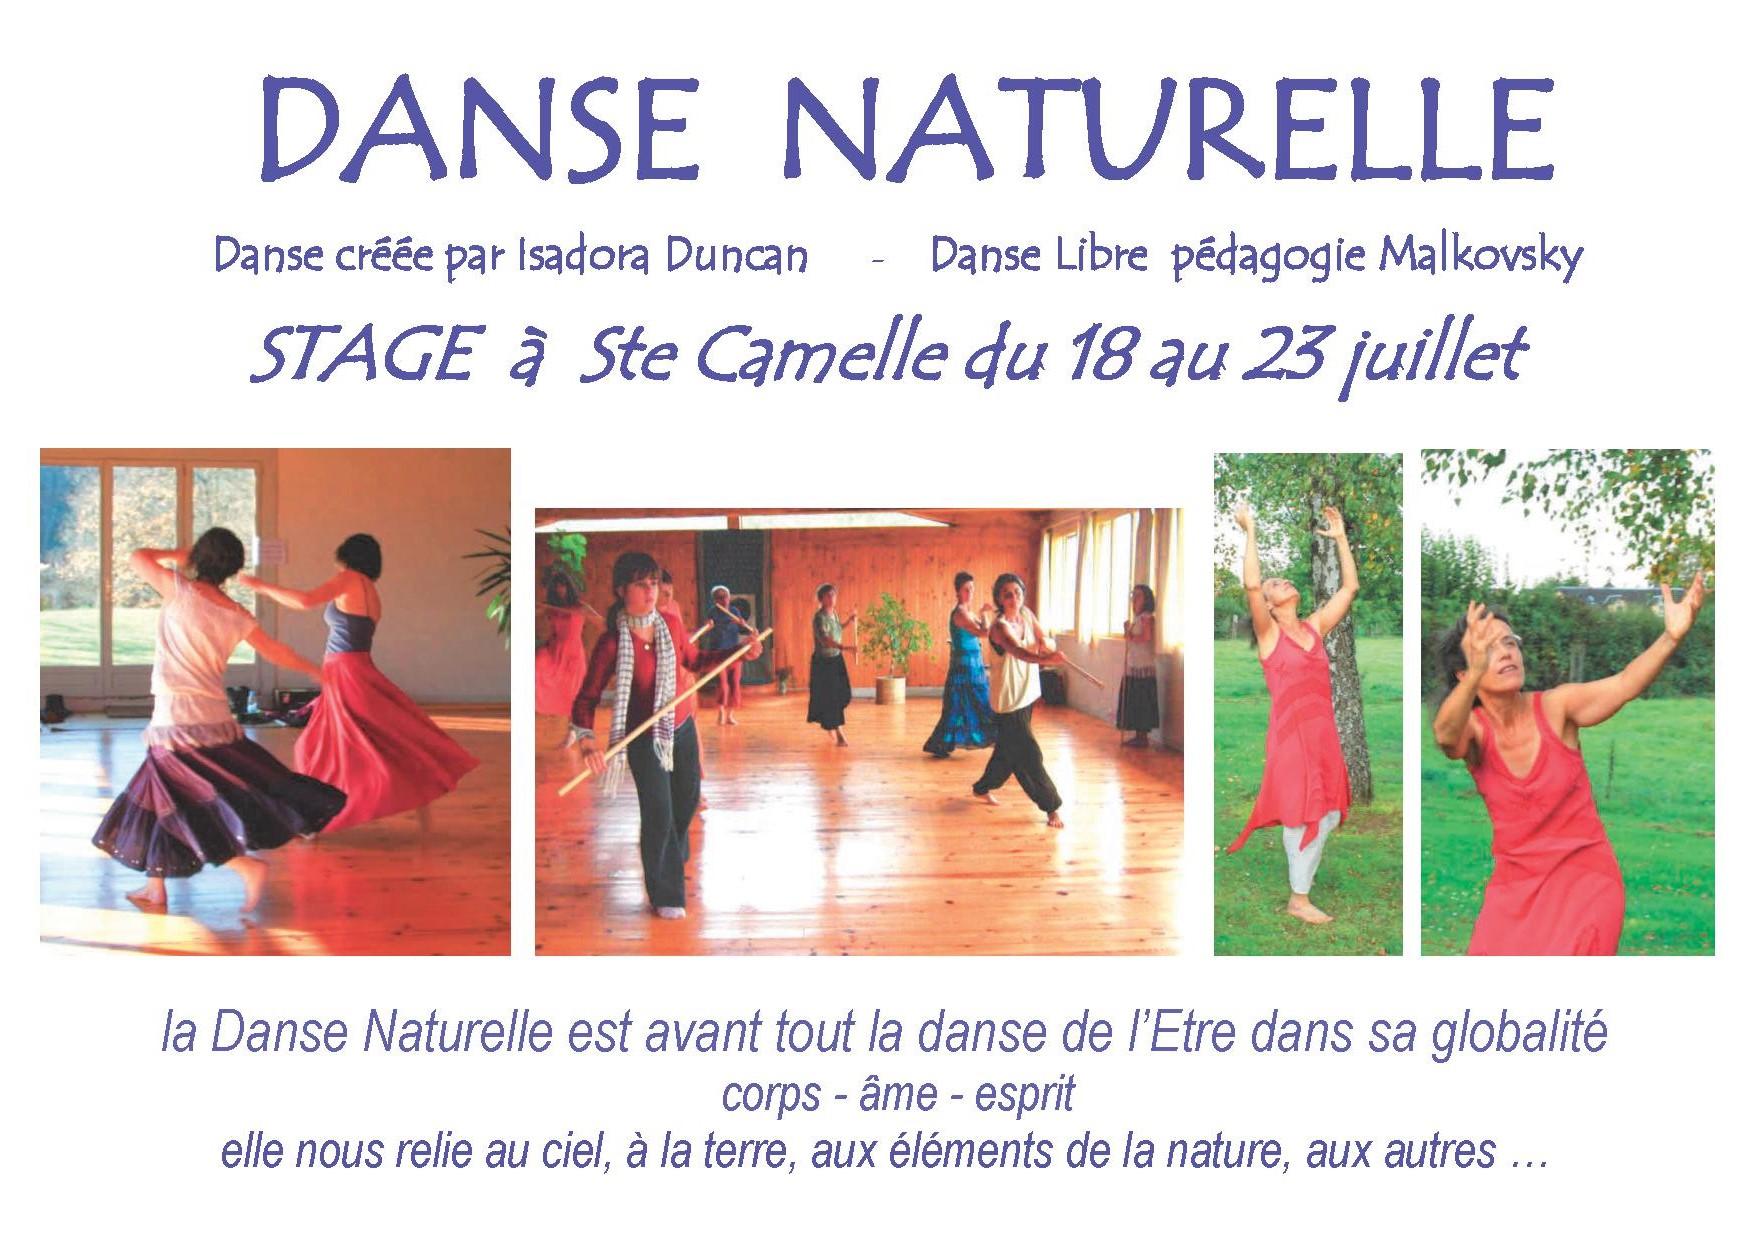 Danse naturelle 0716 p1